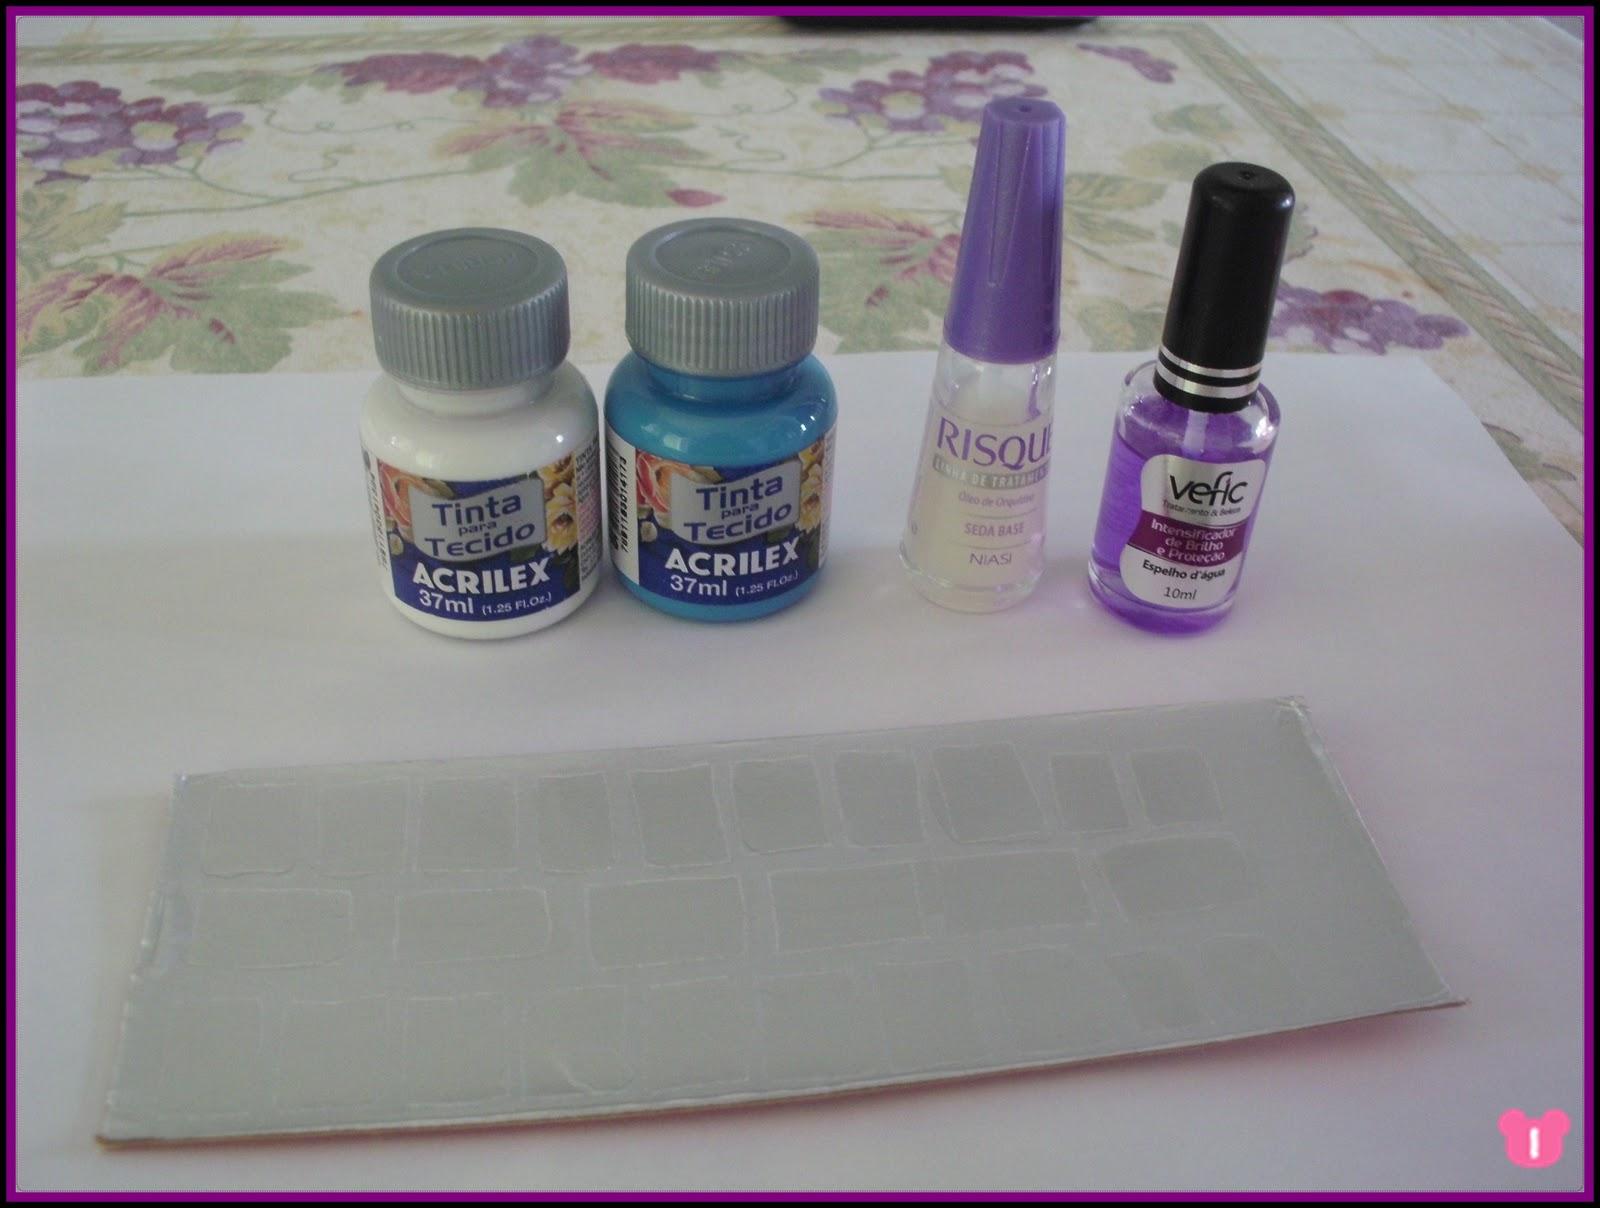 Leite Tetra Pack Pode Ser Usada  Nos Adesivos Usamos O Lado De Dentro